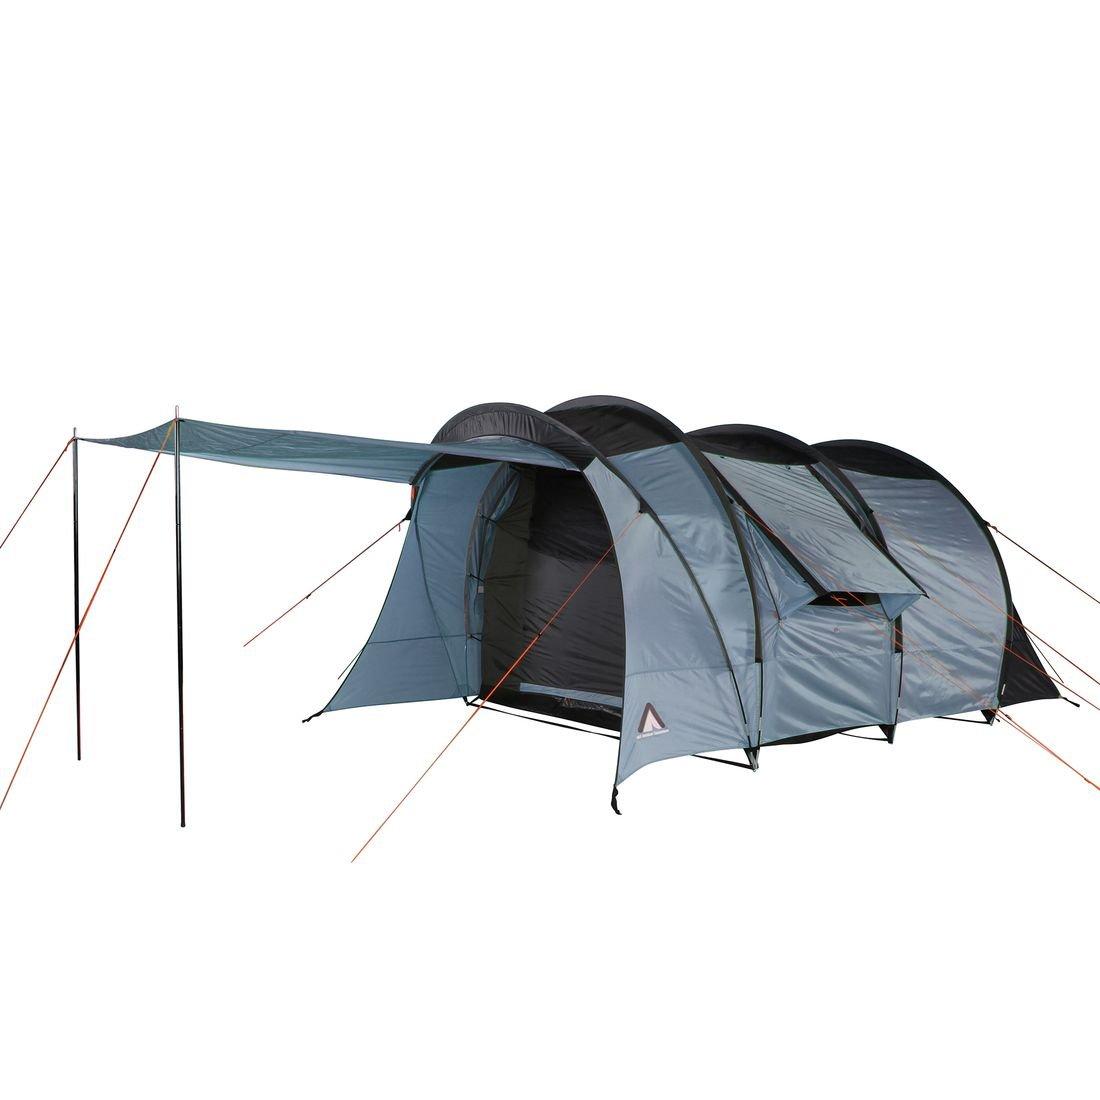 10T Oslo 5 - 5 Personen Tunnelzelt, Campingzelt mit riesiger 11,4 m² XXL Schlafkabine, wasserdichtes Familienzelt mit 5000mm, Zelt mit großem Eingang und 2 Fenstern, Festivalzelt mit Vordach und 200 cm Stehhöhe, 5 Mann Zelt mit Tragetasche